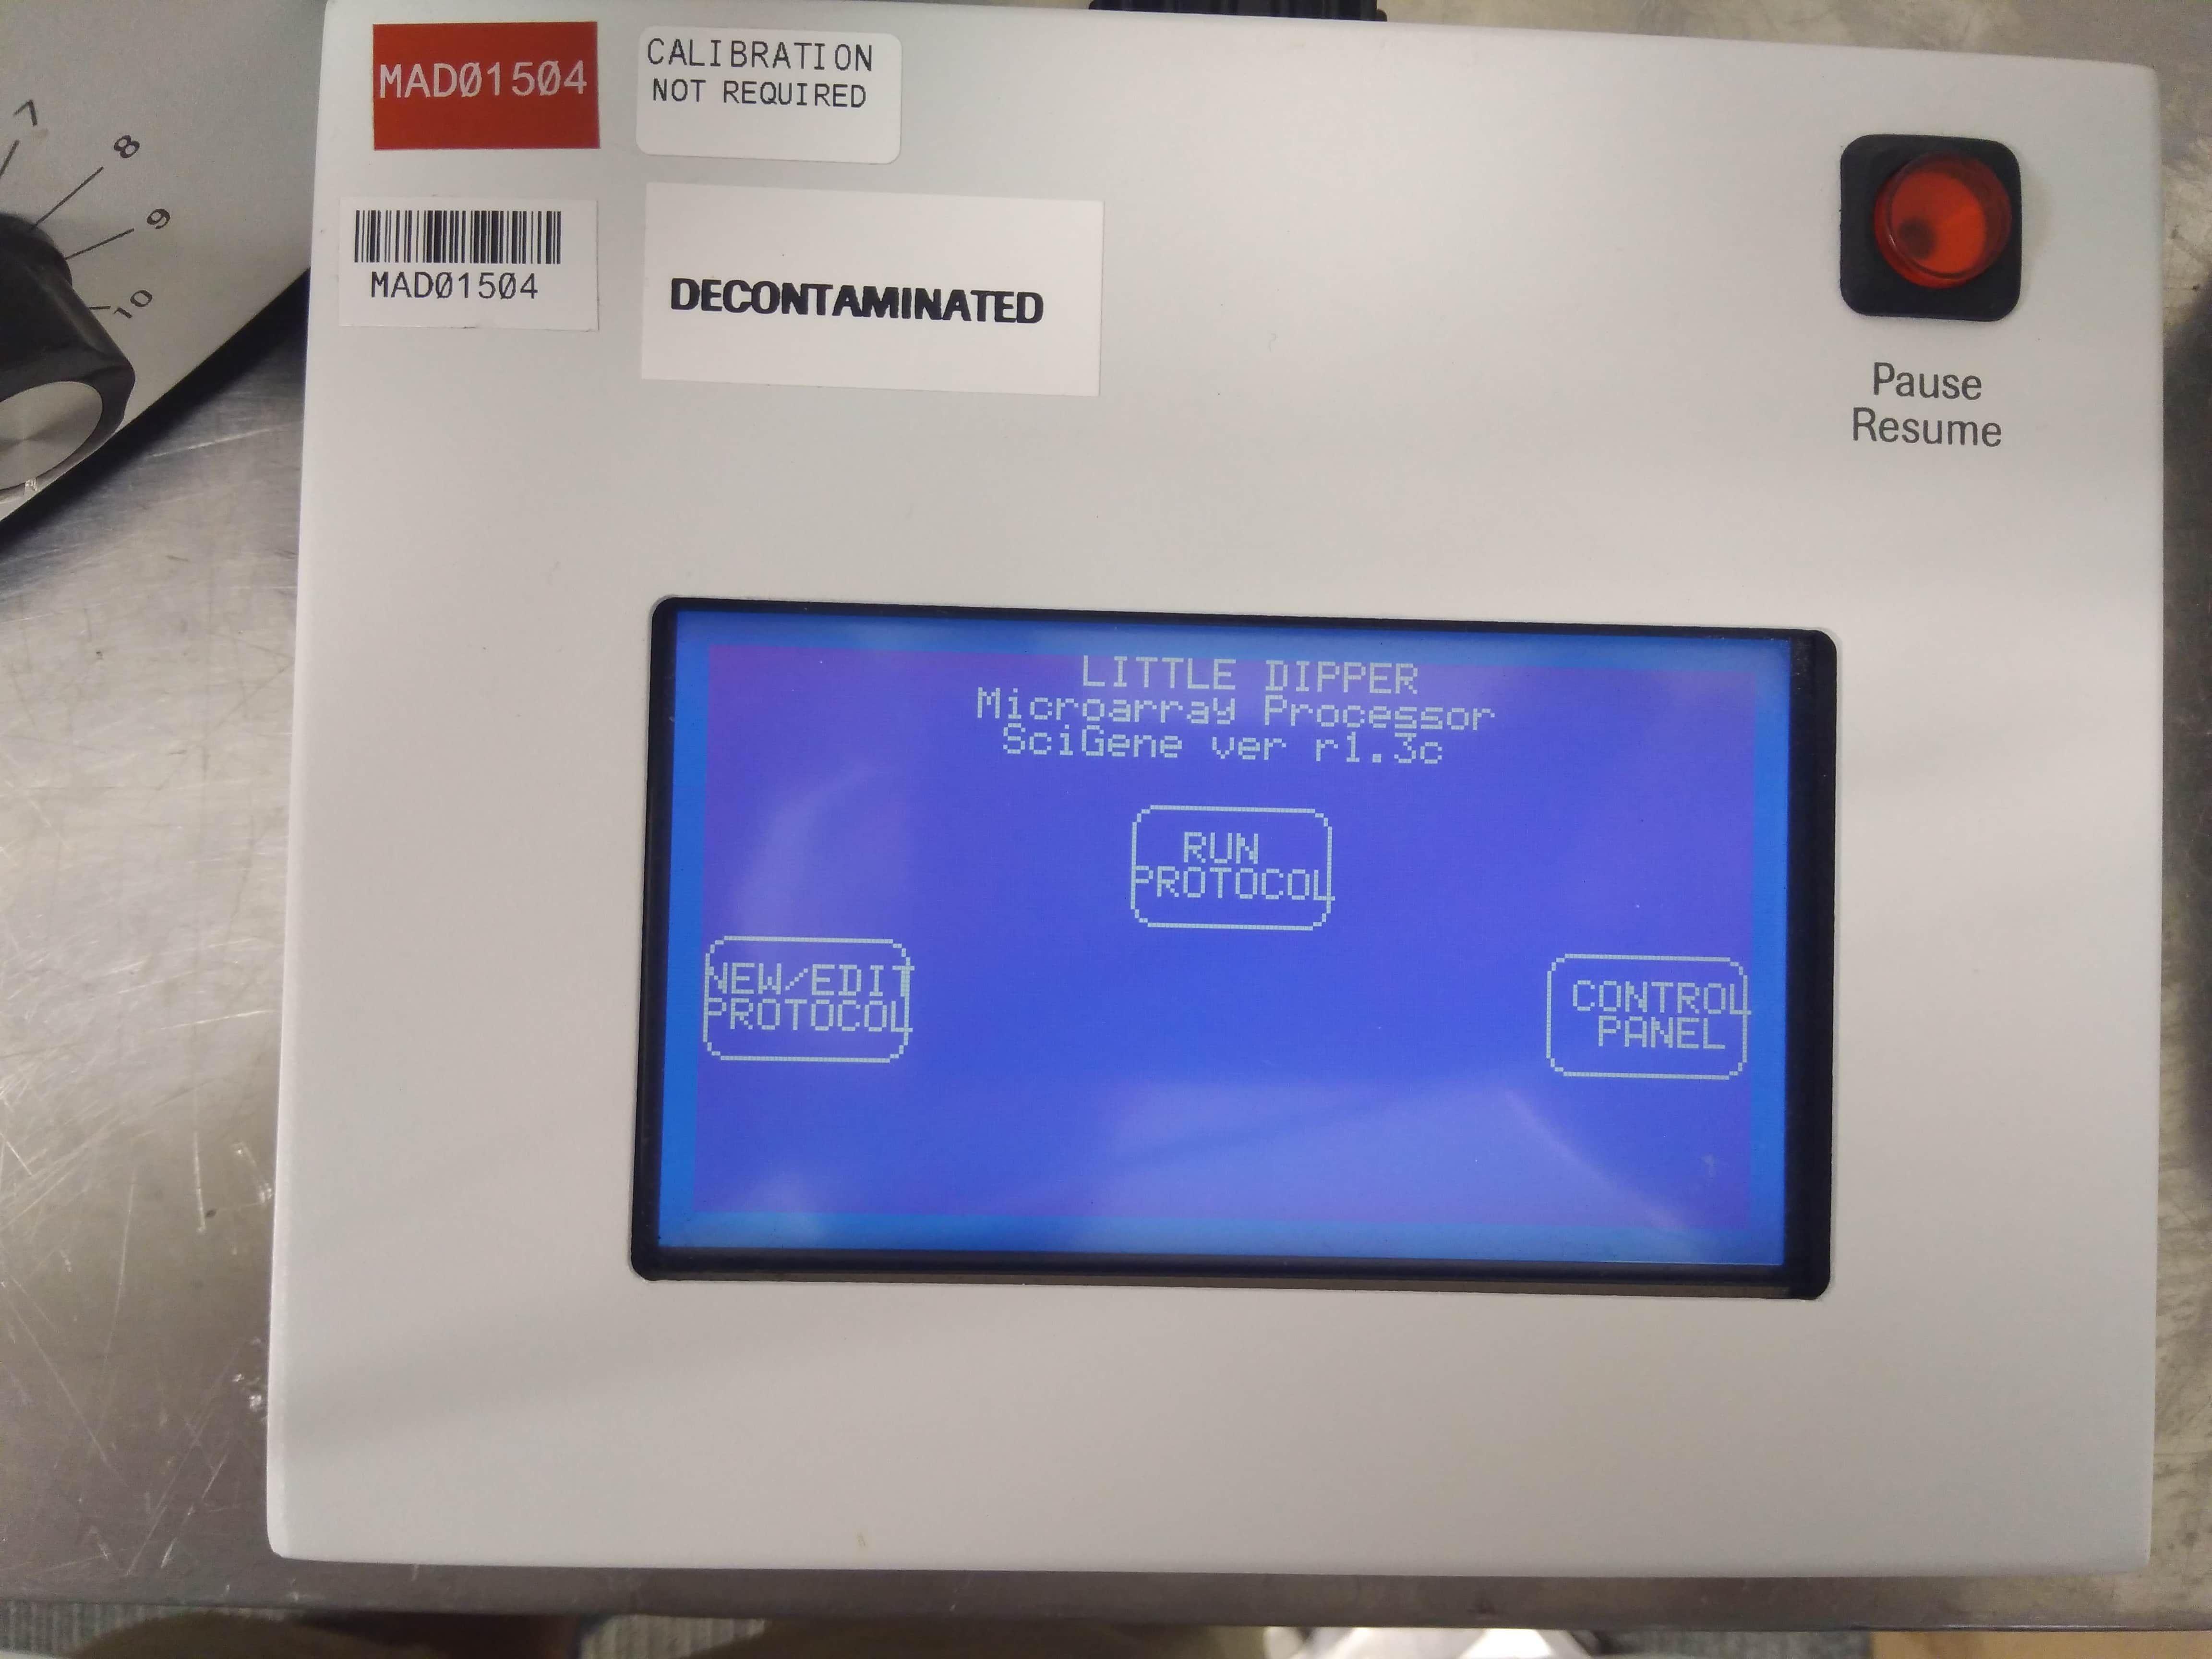 Roche NimbleGen MPS 350 Little Dipper Sequencer Dispenser